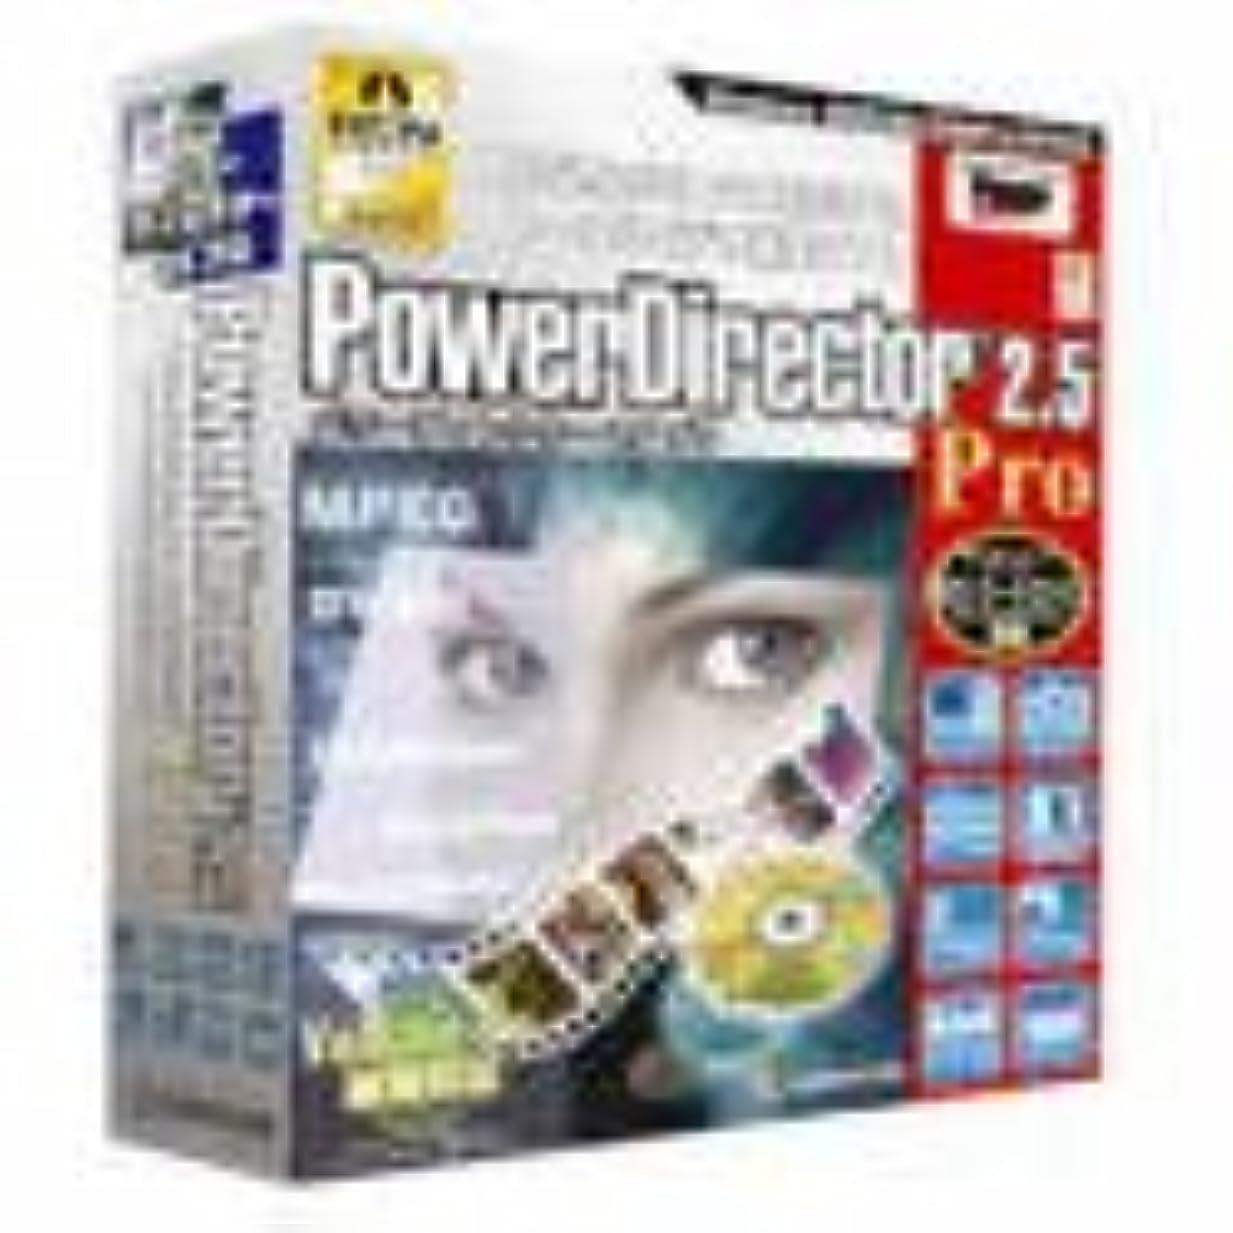 砲兵ぞっとするような医師PowerDirector 2.5 Pro